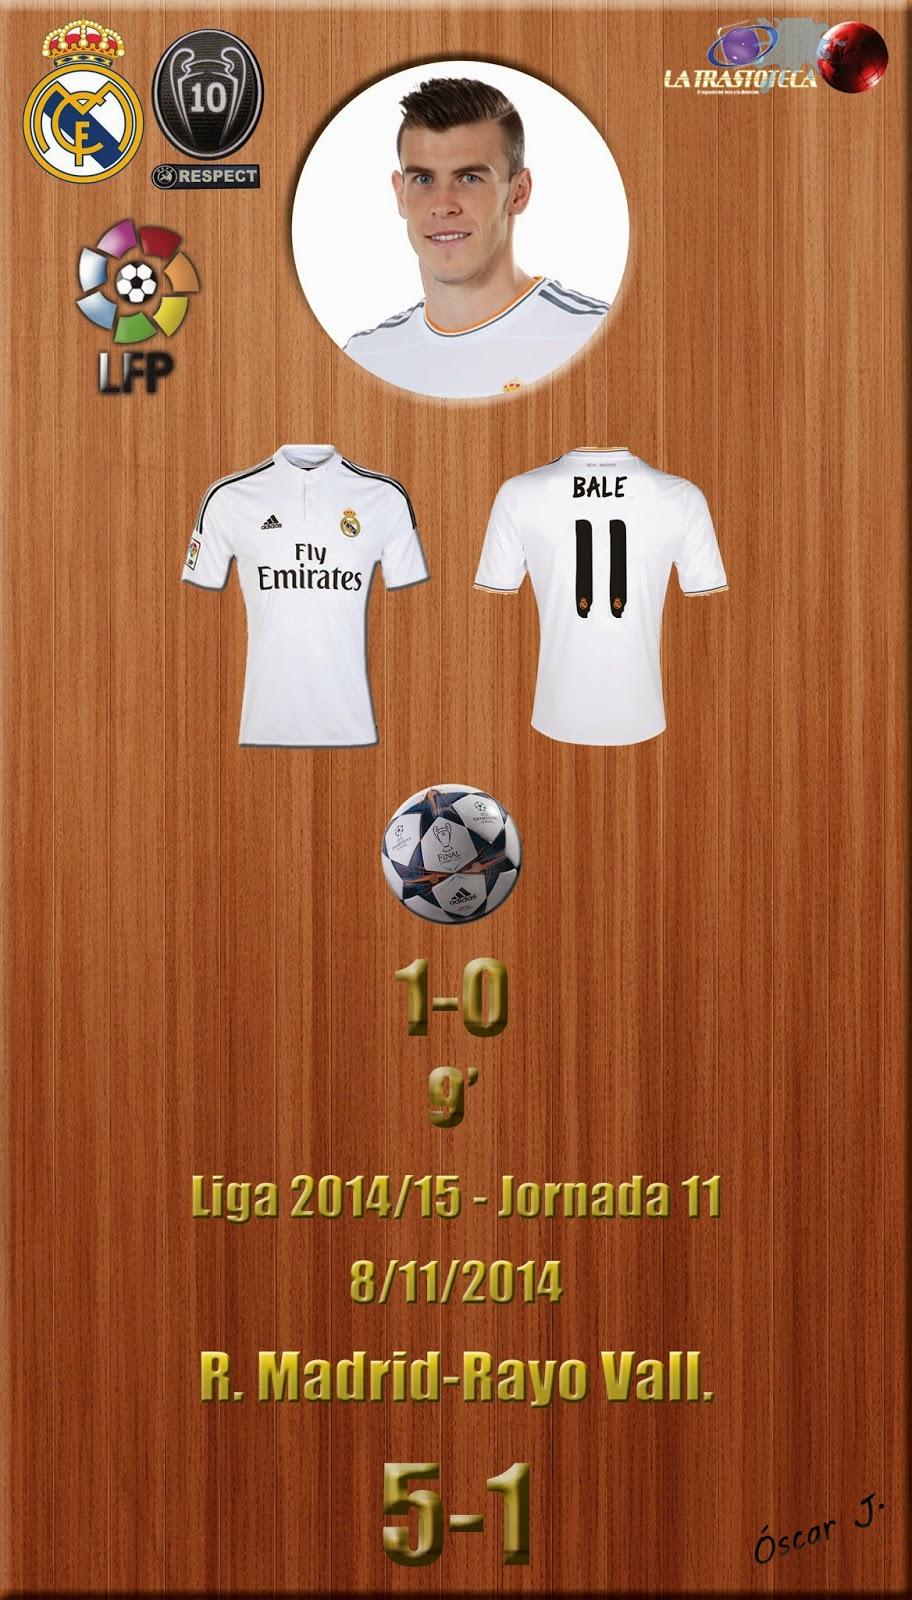 Bale - (1-0) - Real Madrid 5-1 Rayo - Liga 2014/15 - Jornada 11 - (8/11/2014)